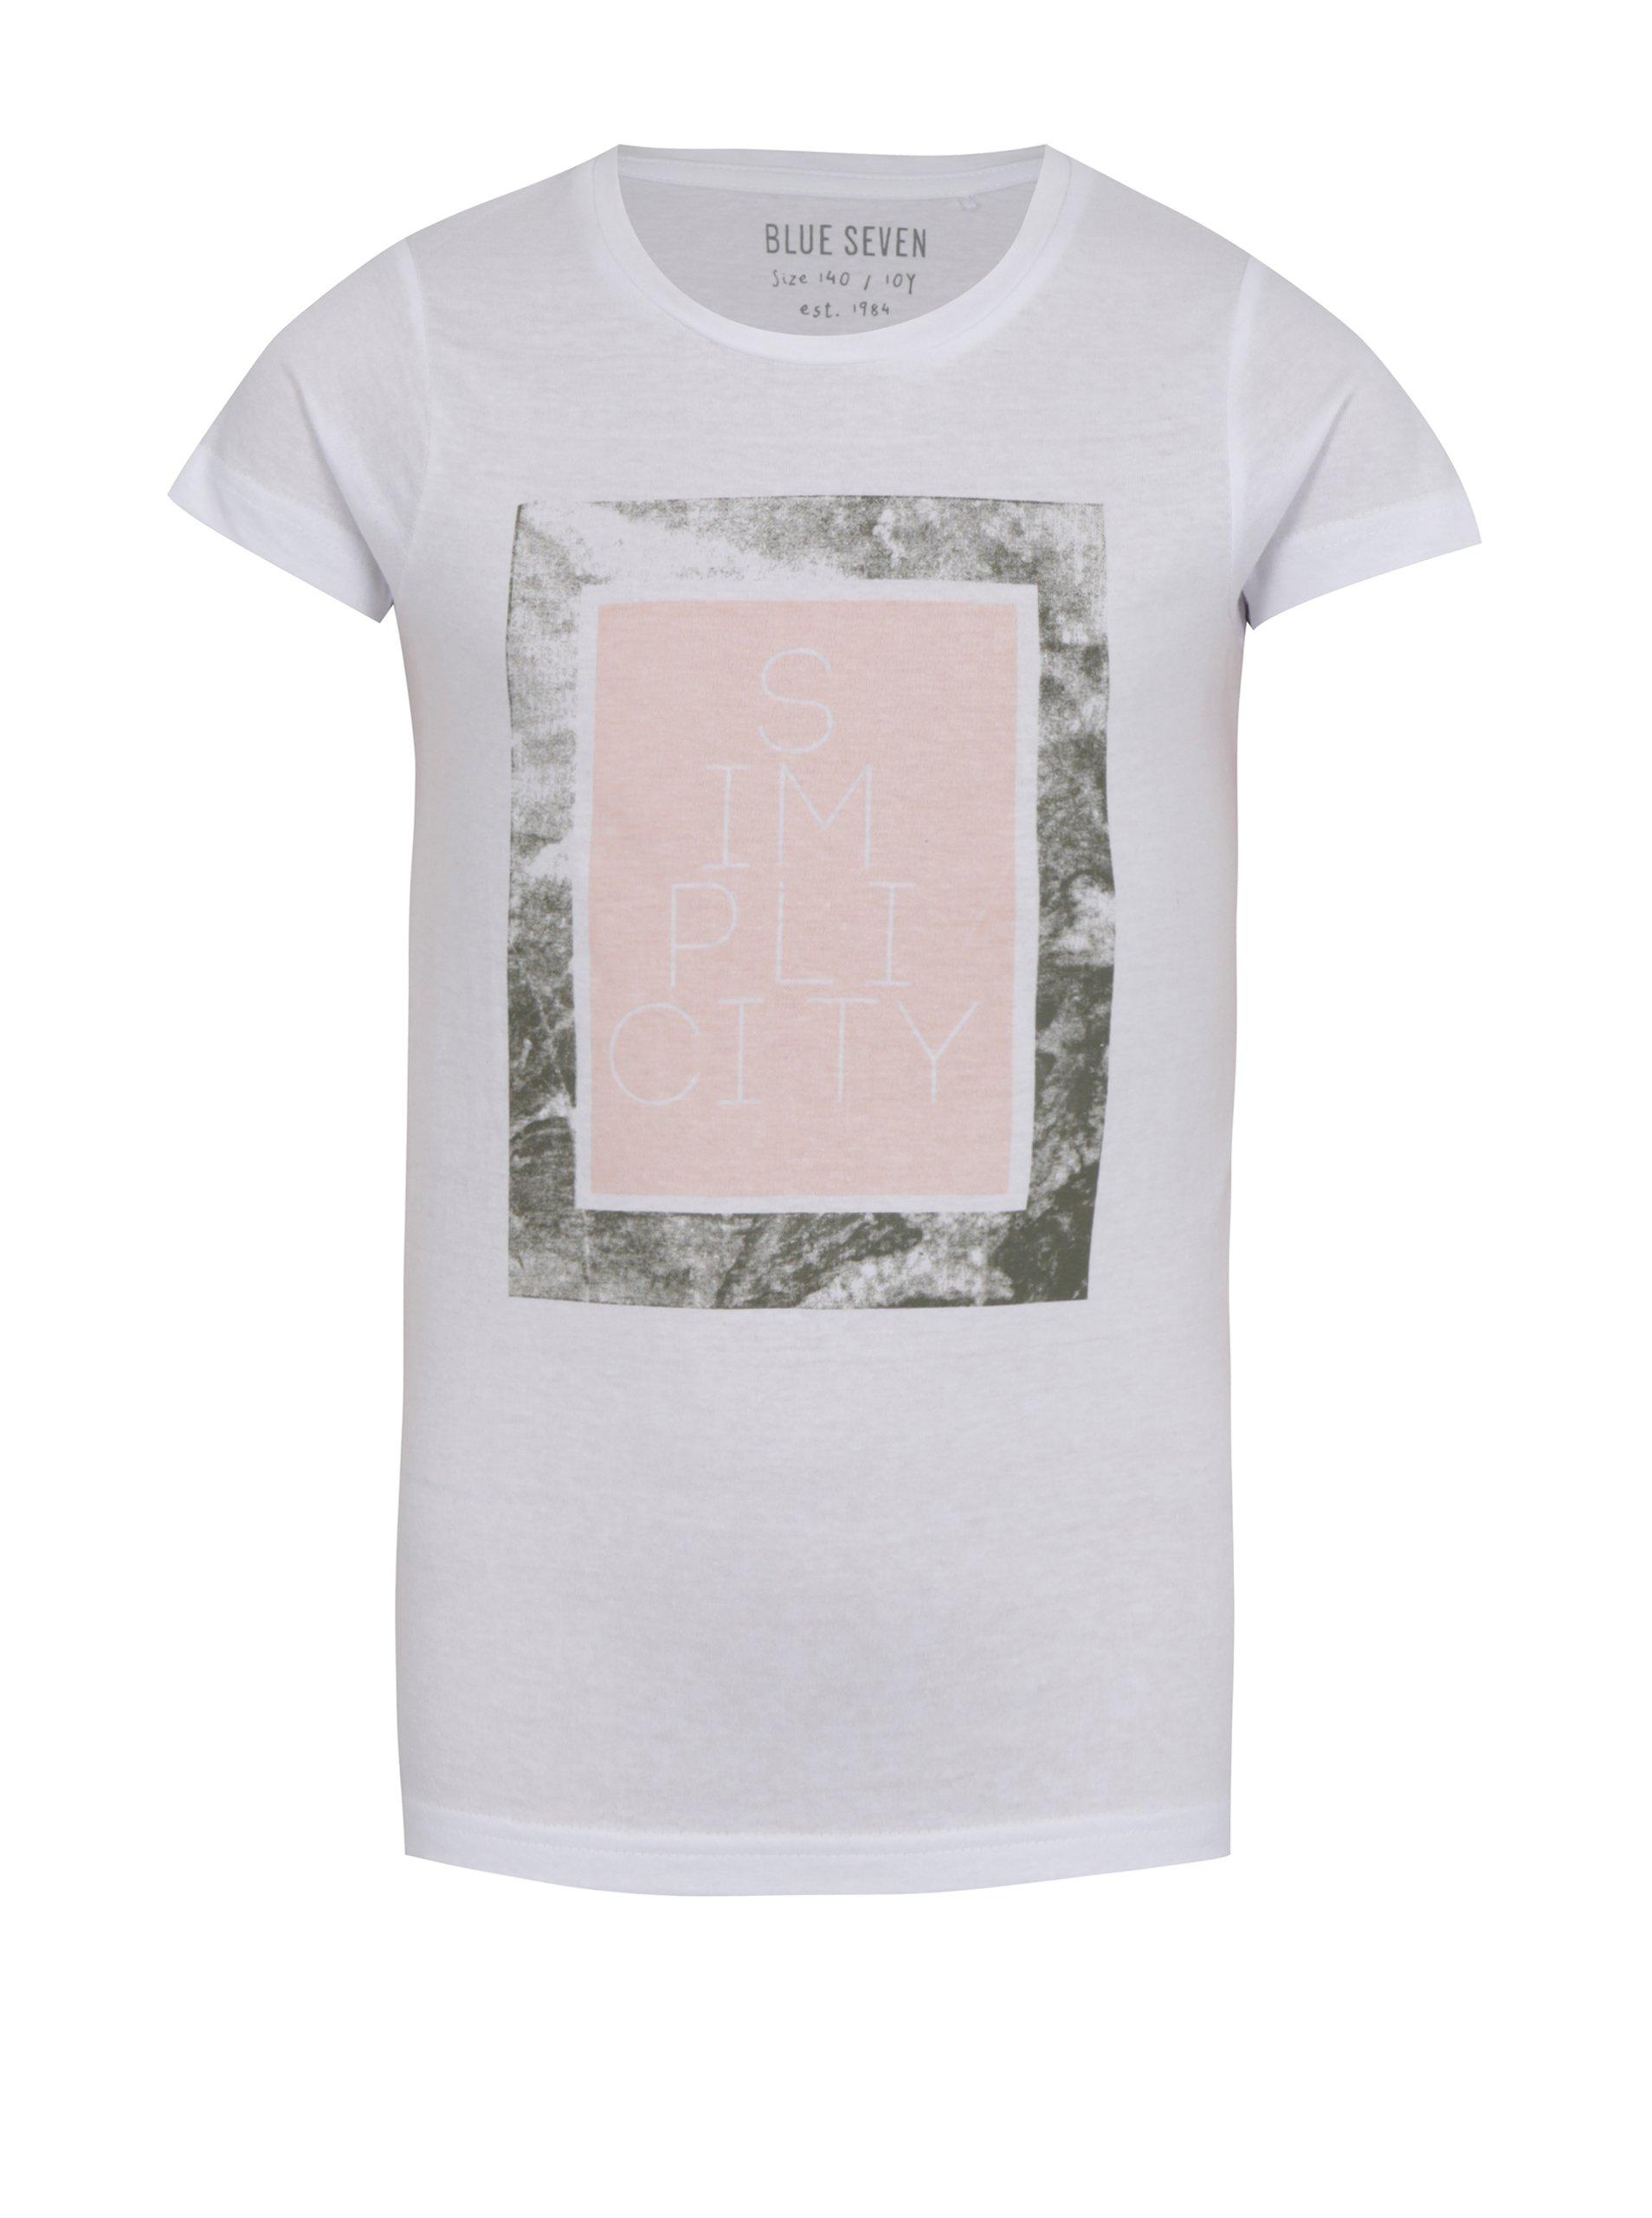 Biele dlhé dievčenské tričko s potlačou Blue Seven